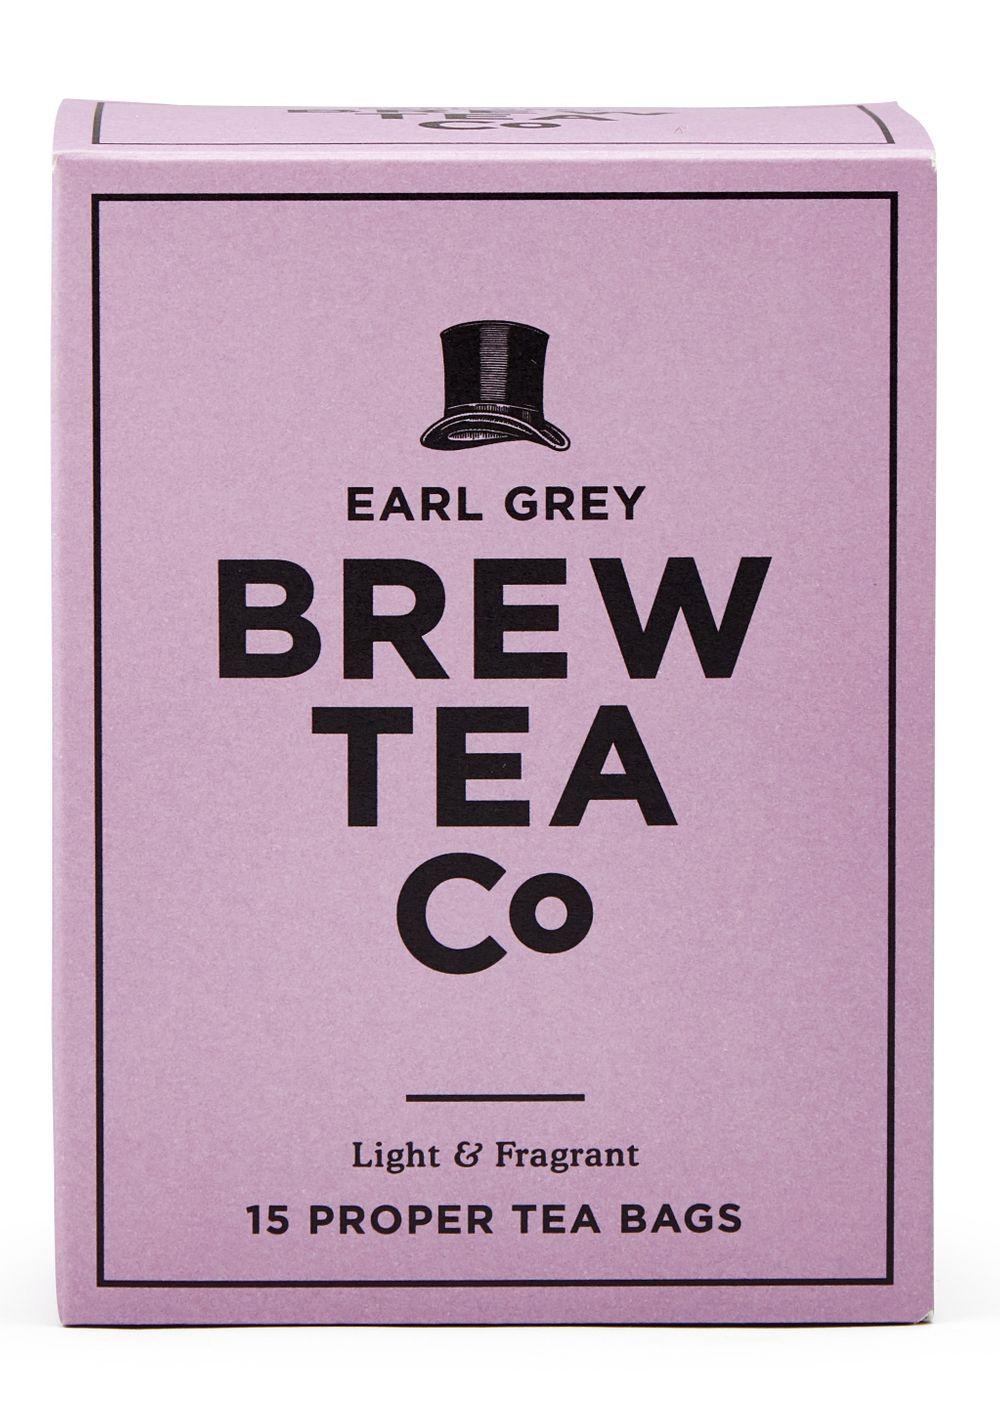 Earl Grey Tea - 15 Proper Tea Bags